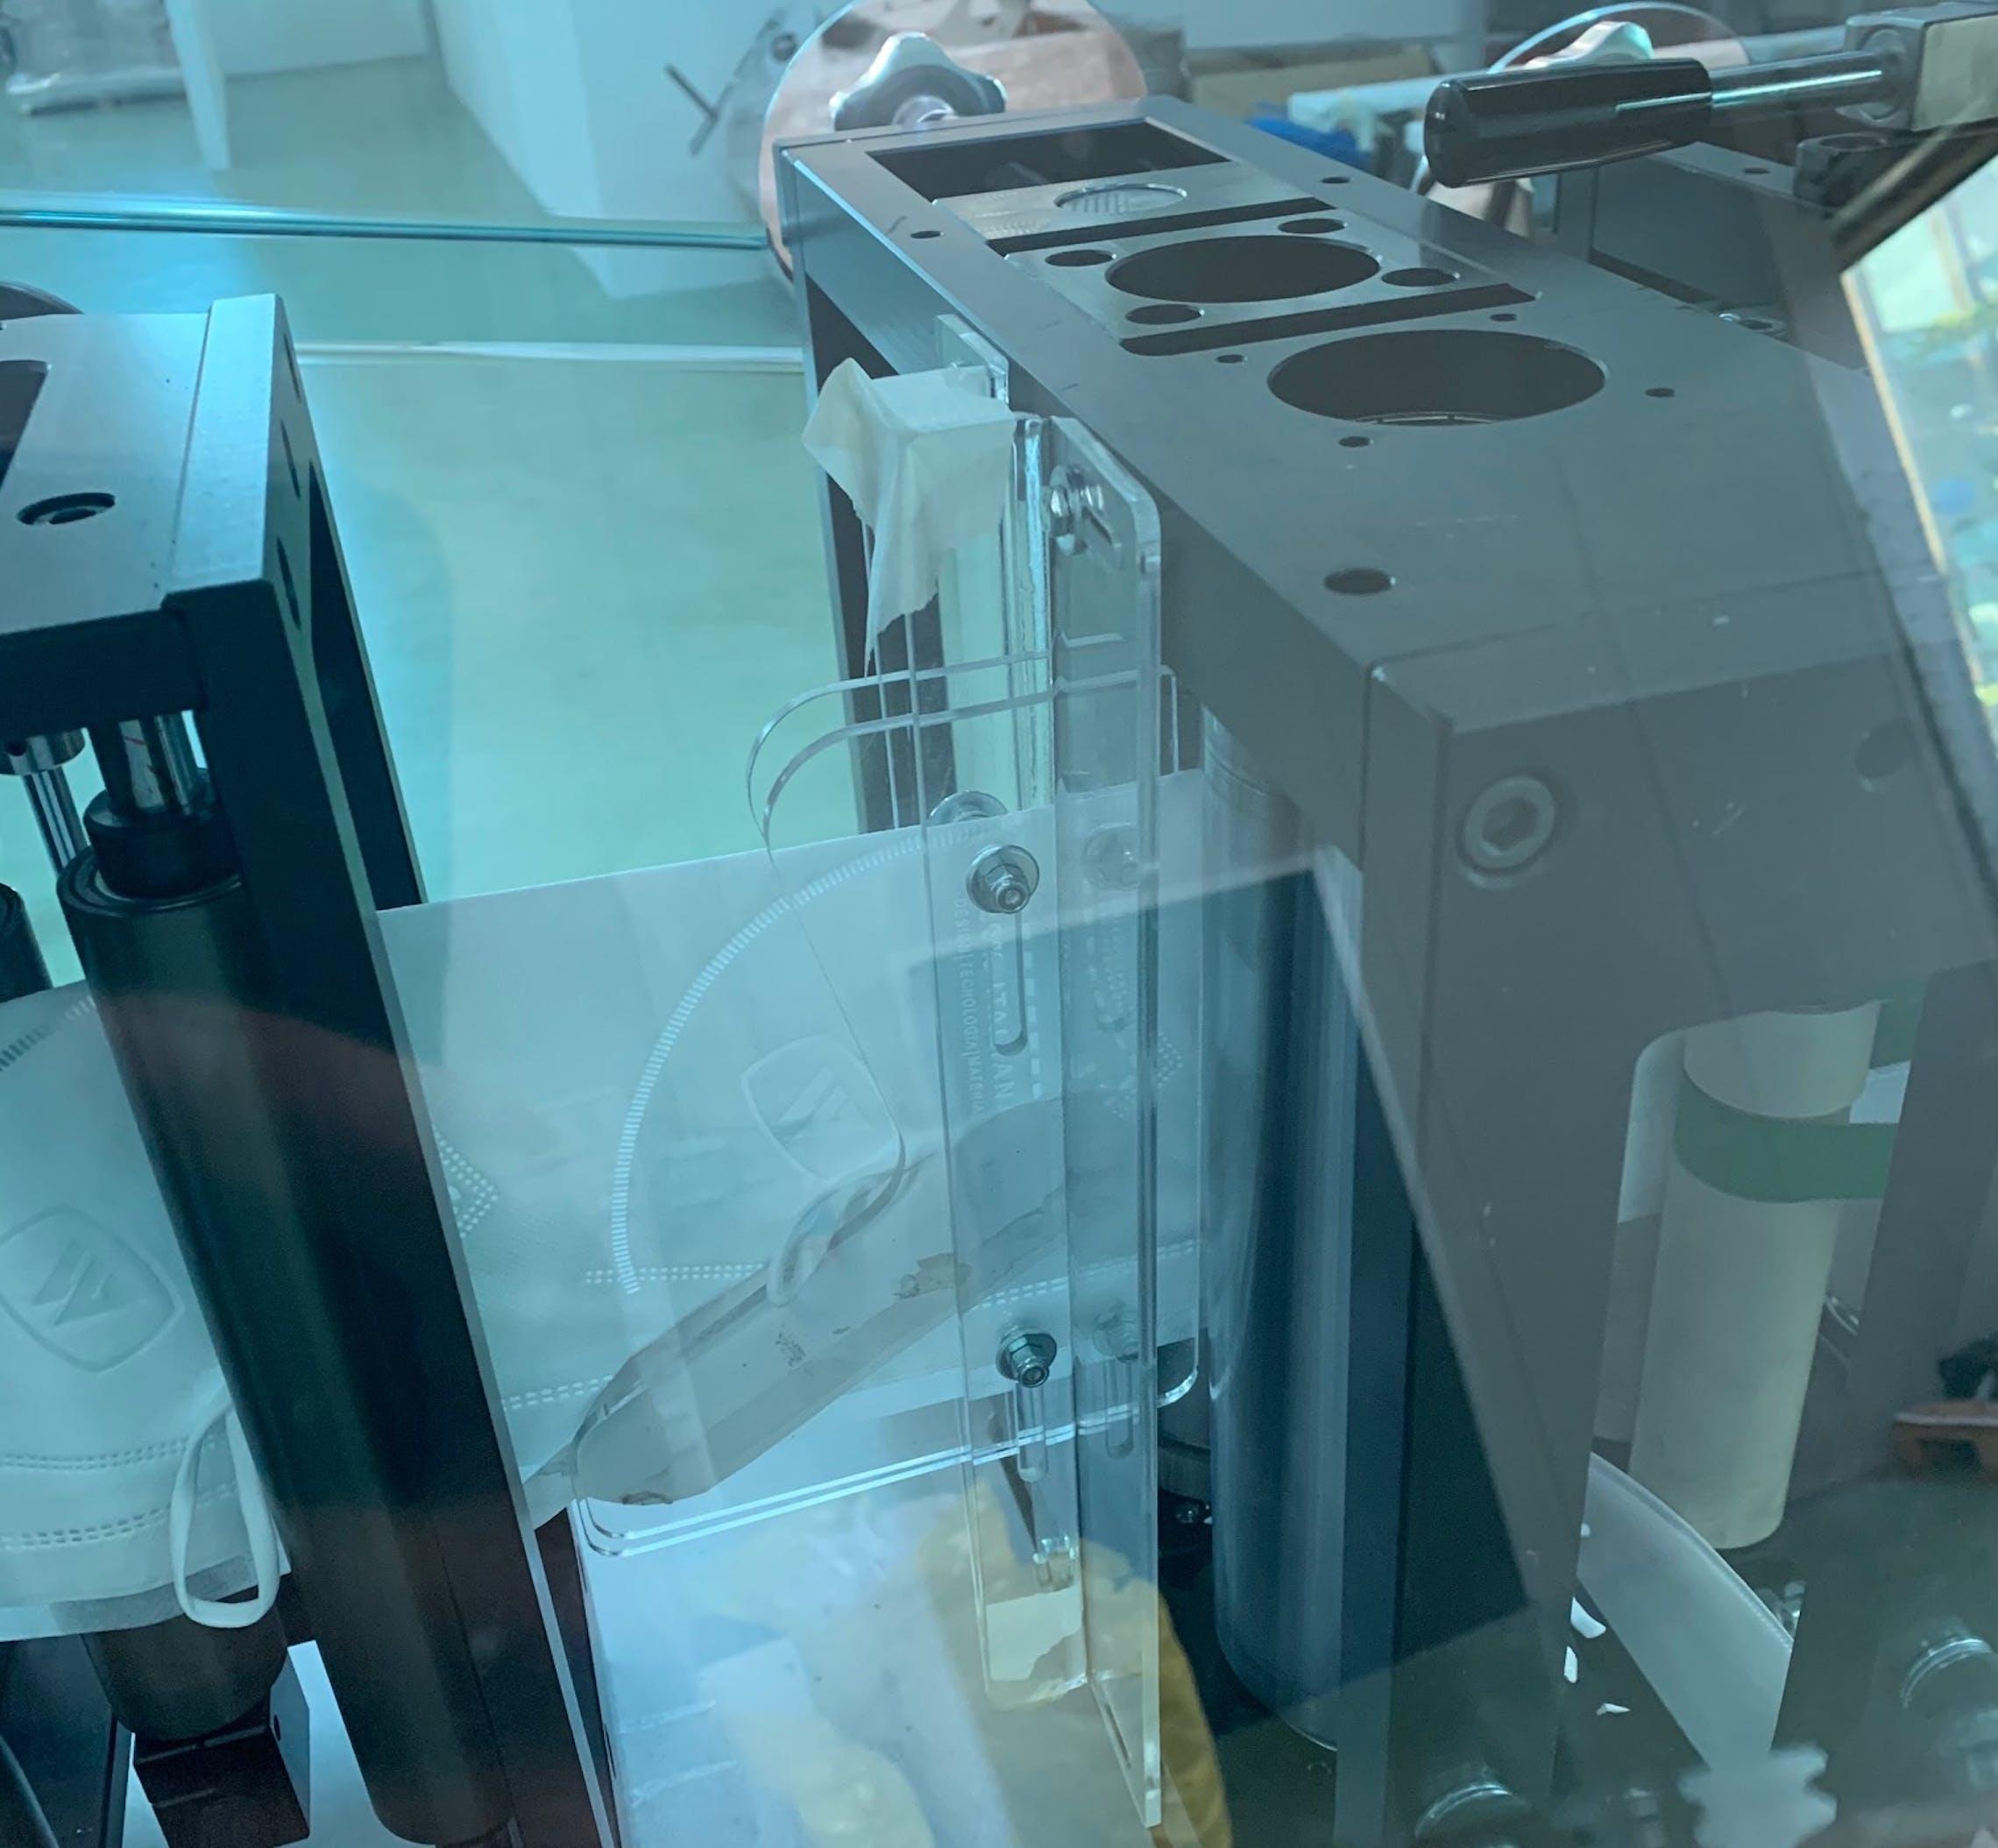 Perché scegliere i prodotti di GN Health Solutions?